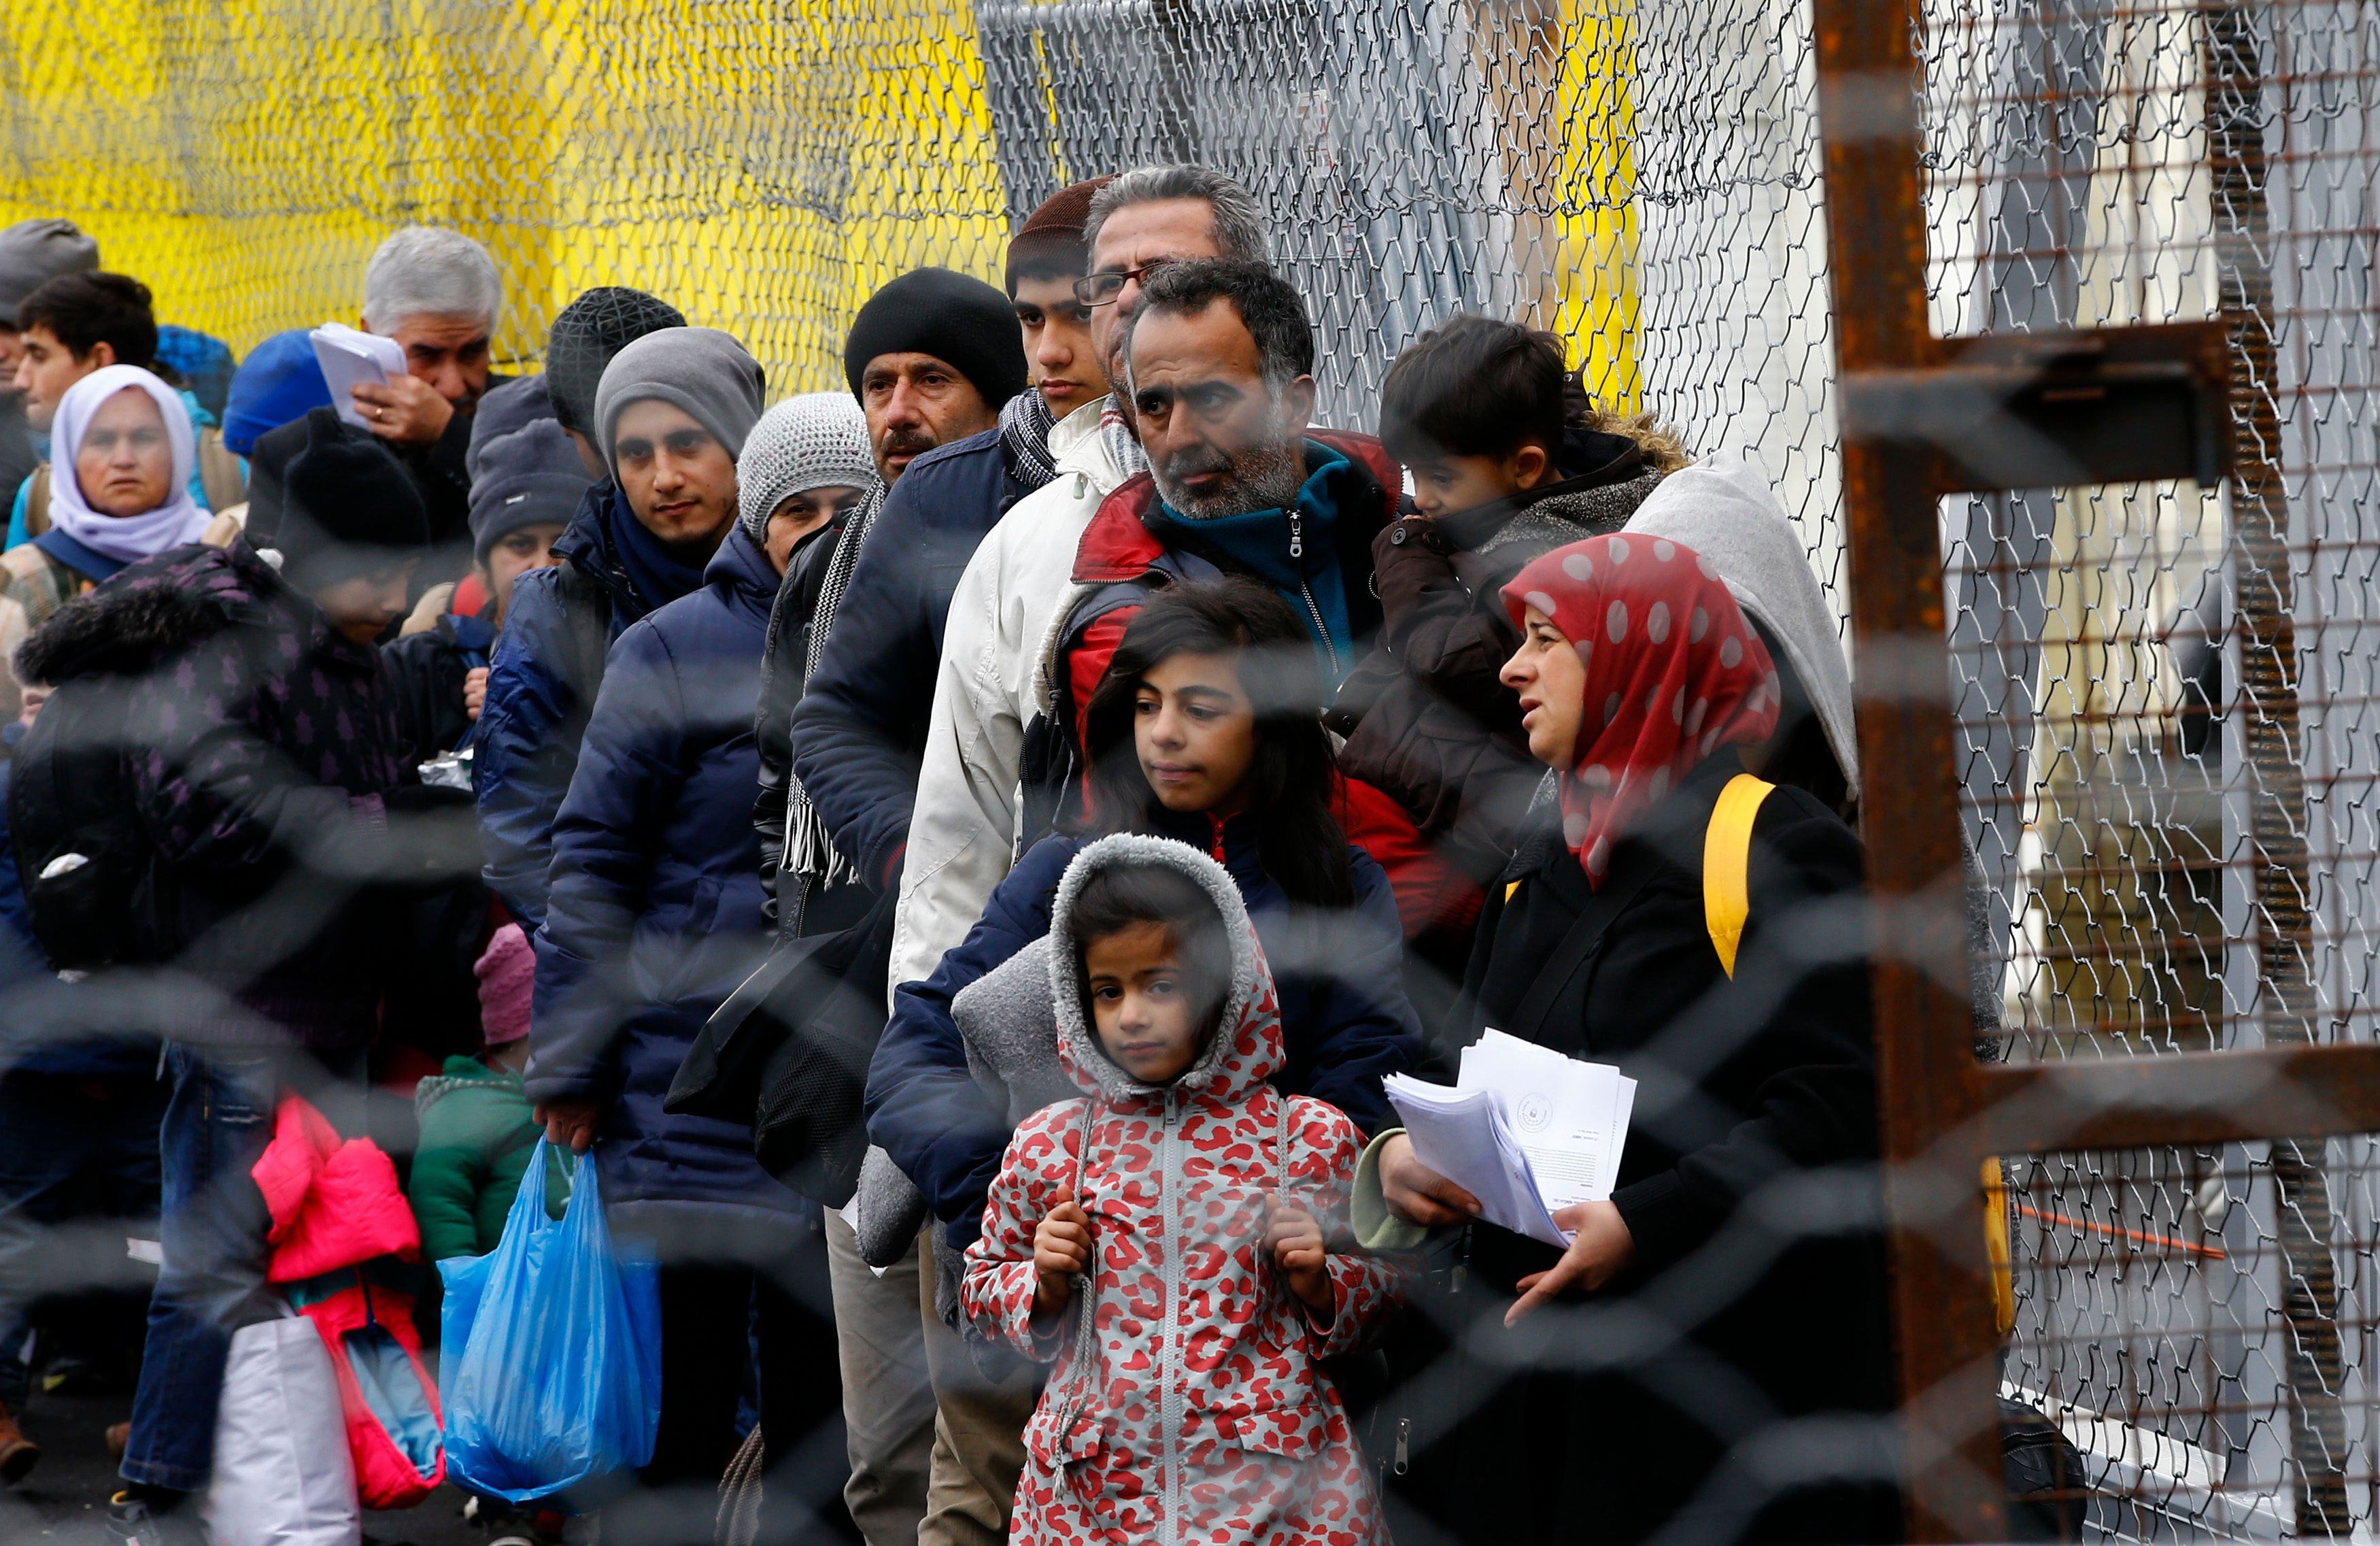 Migrants : Bruxelles veut débloquer 700 millions d'euros pour aider les Etats membres en difficulté